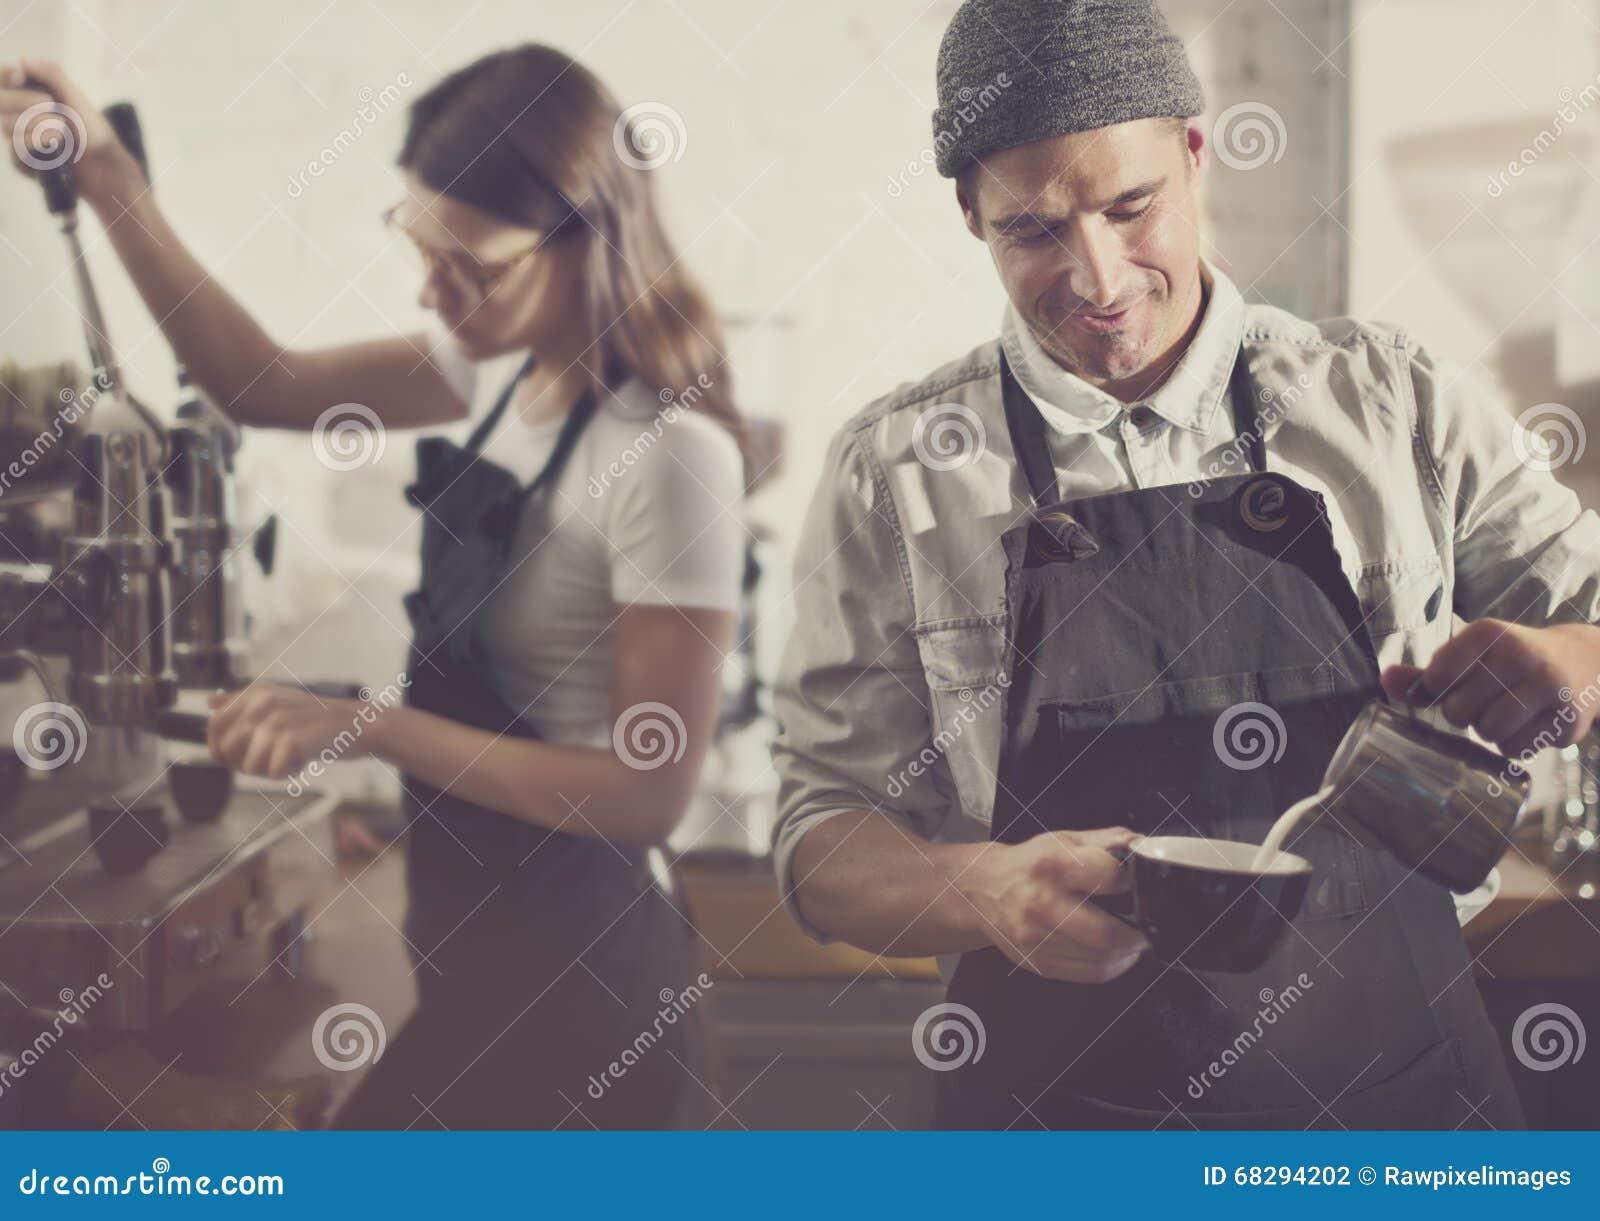 Bestellungs-Konzept Barista Parepare Coffee Working